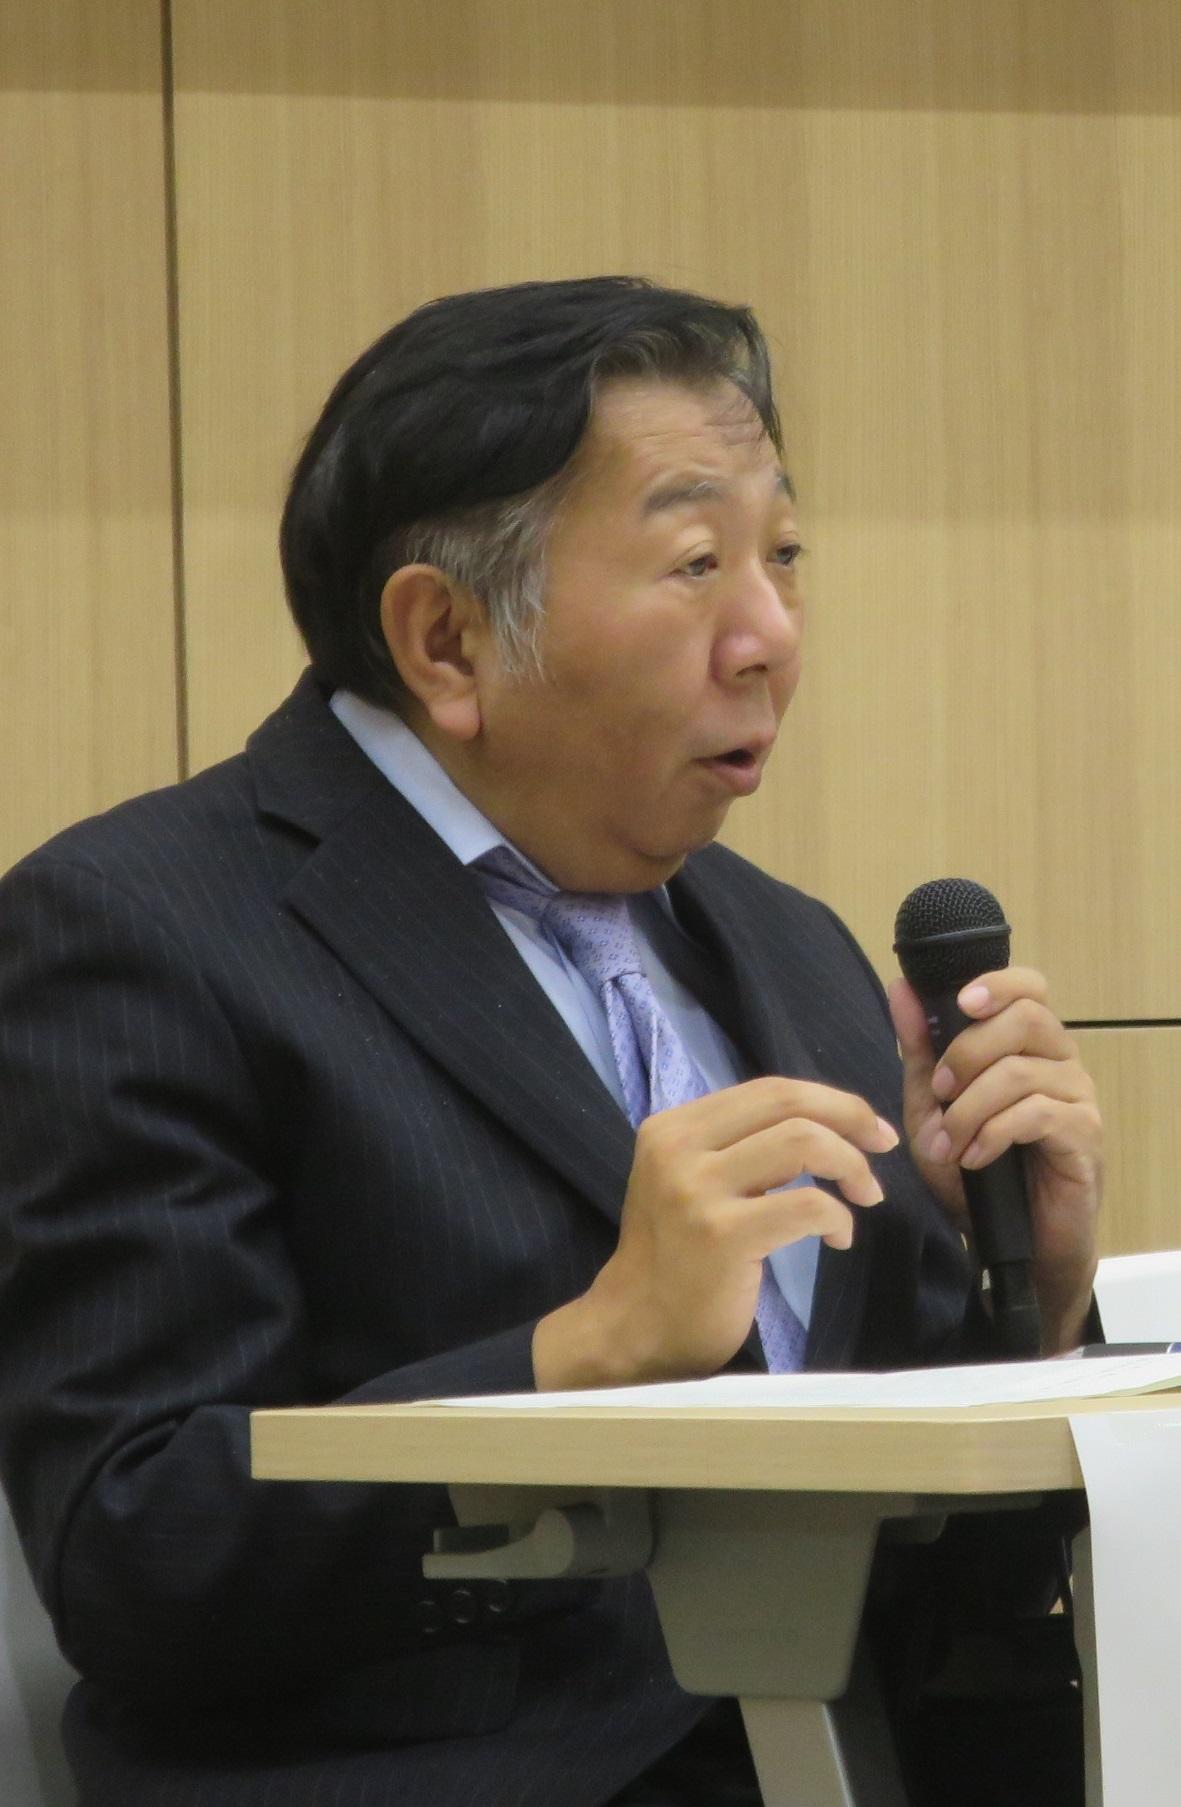 2018年10月11日にナゴヤドーム前キャンパスで開かれた国際シンポジウムで話す白石仁章氏